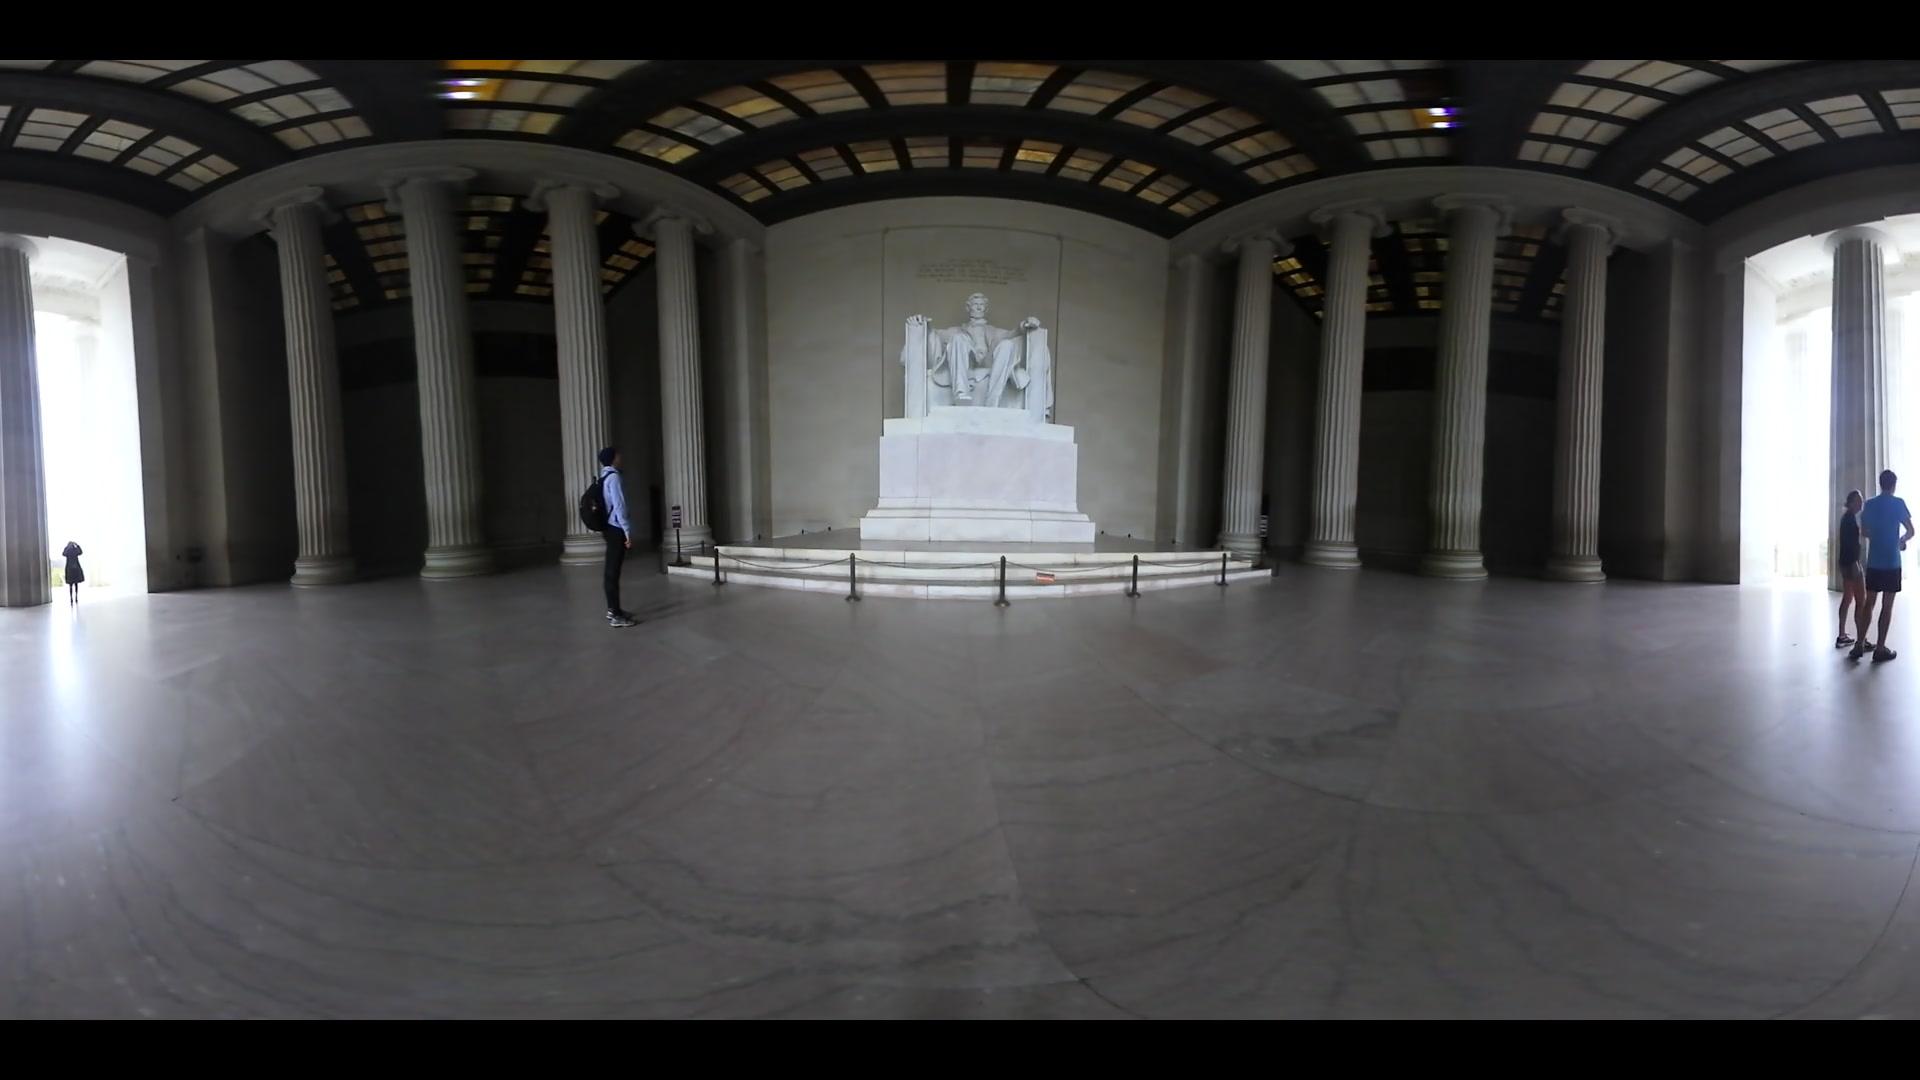 360 VR Grand Abraham Lincoln Statue In Lincoln Memorial Washington DC